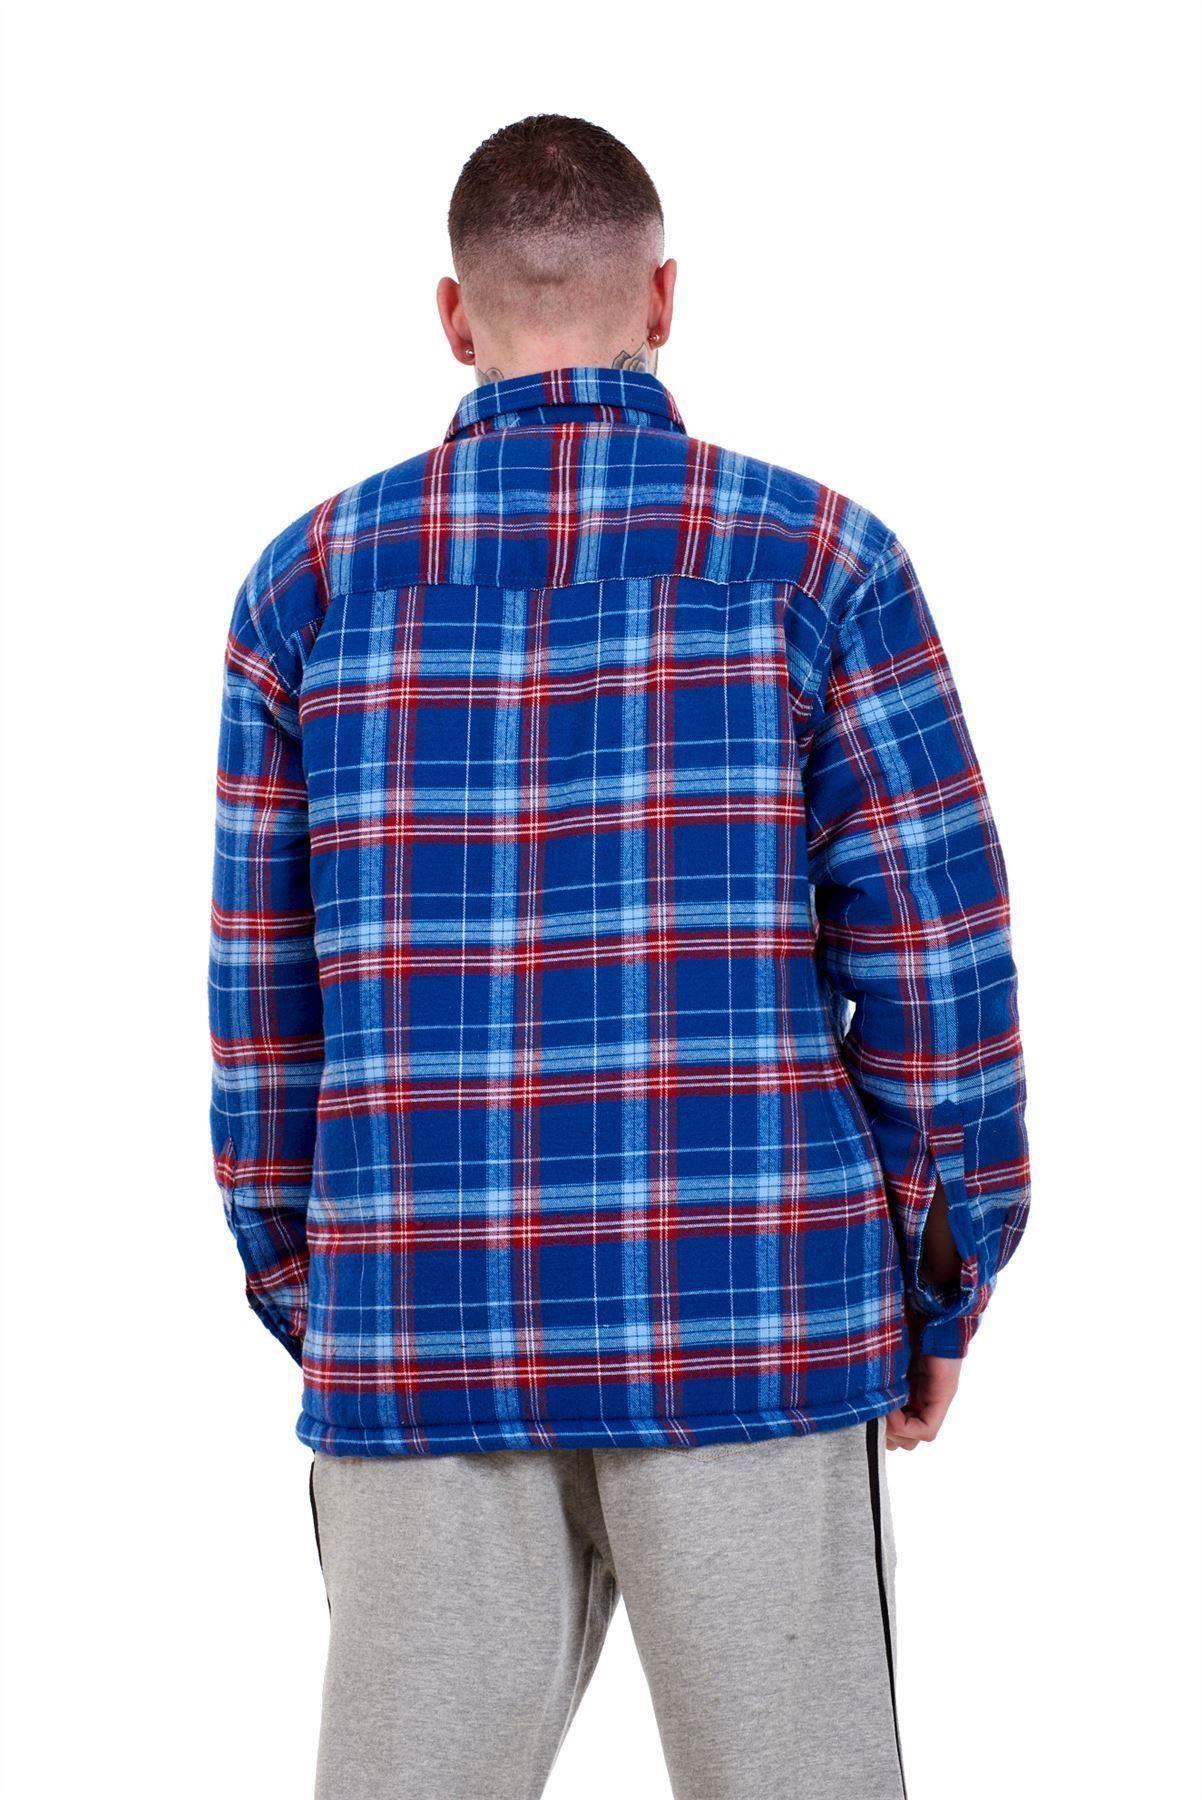 Flanella-Da-Uomo-Imbottito-Work-Shirt-Filato-Tinto-trapuntato-boscaiolo-Giacca-Regolare-amp-Big miniatura 12